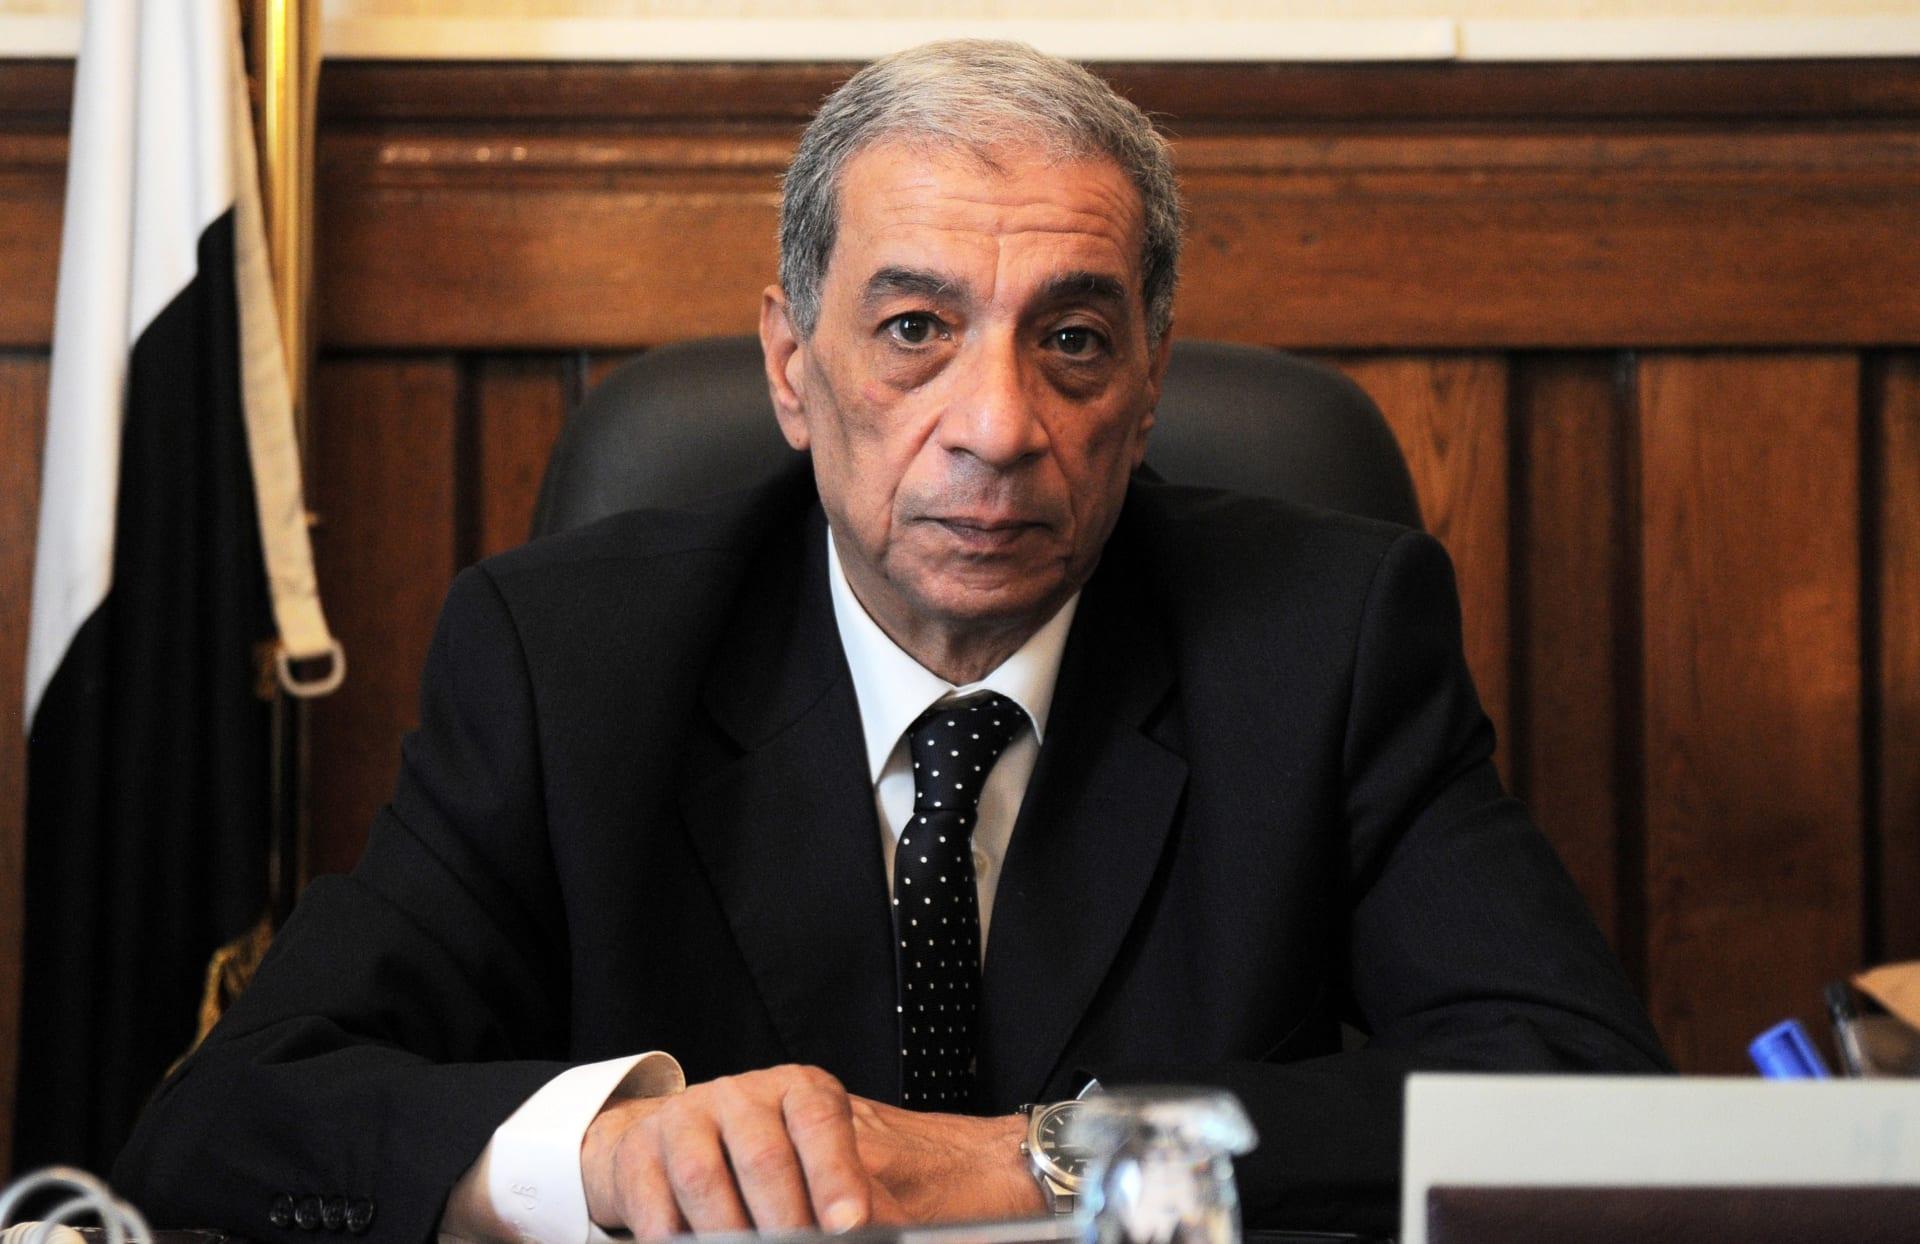 إيقاف 8 رجال شرطة أتراك عن العمل بسبب ترحيل متهم باغتيال هشام بركات إلى مصر